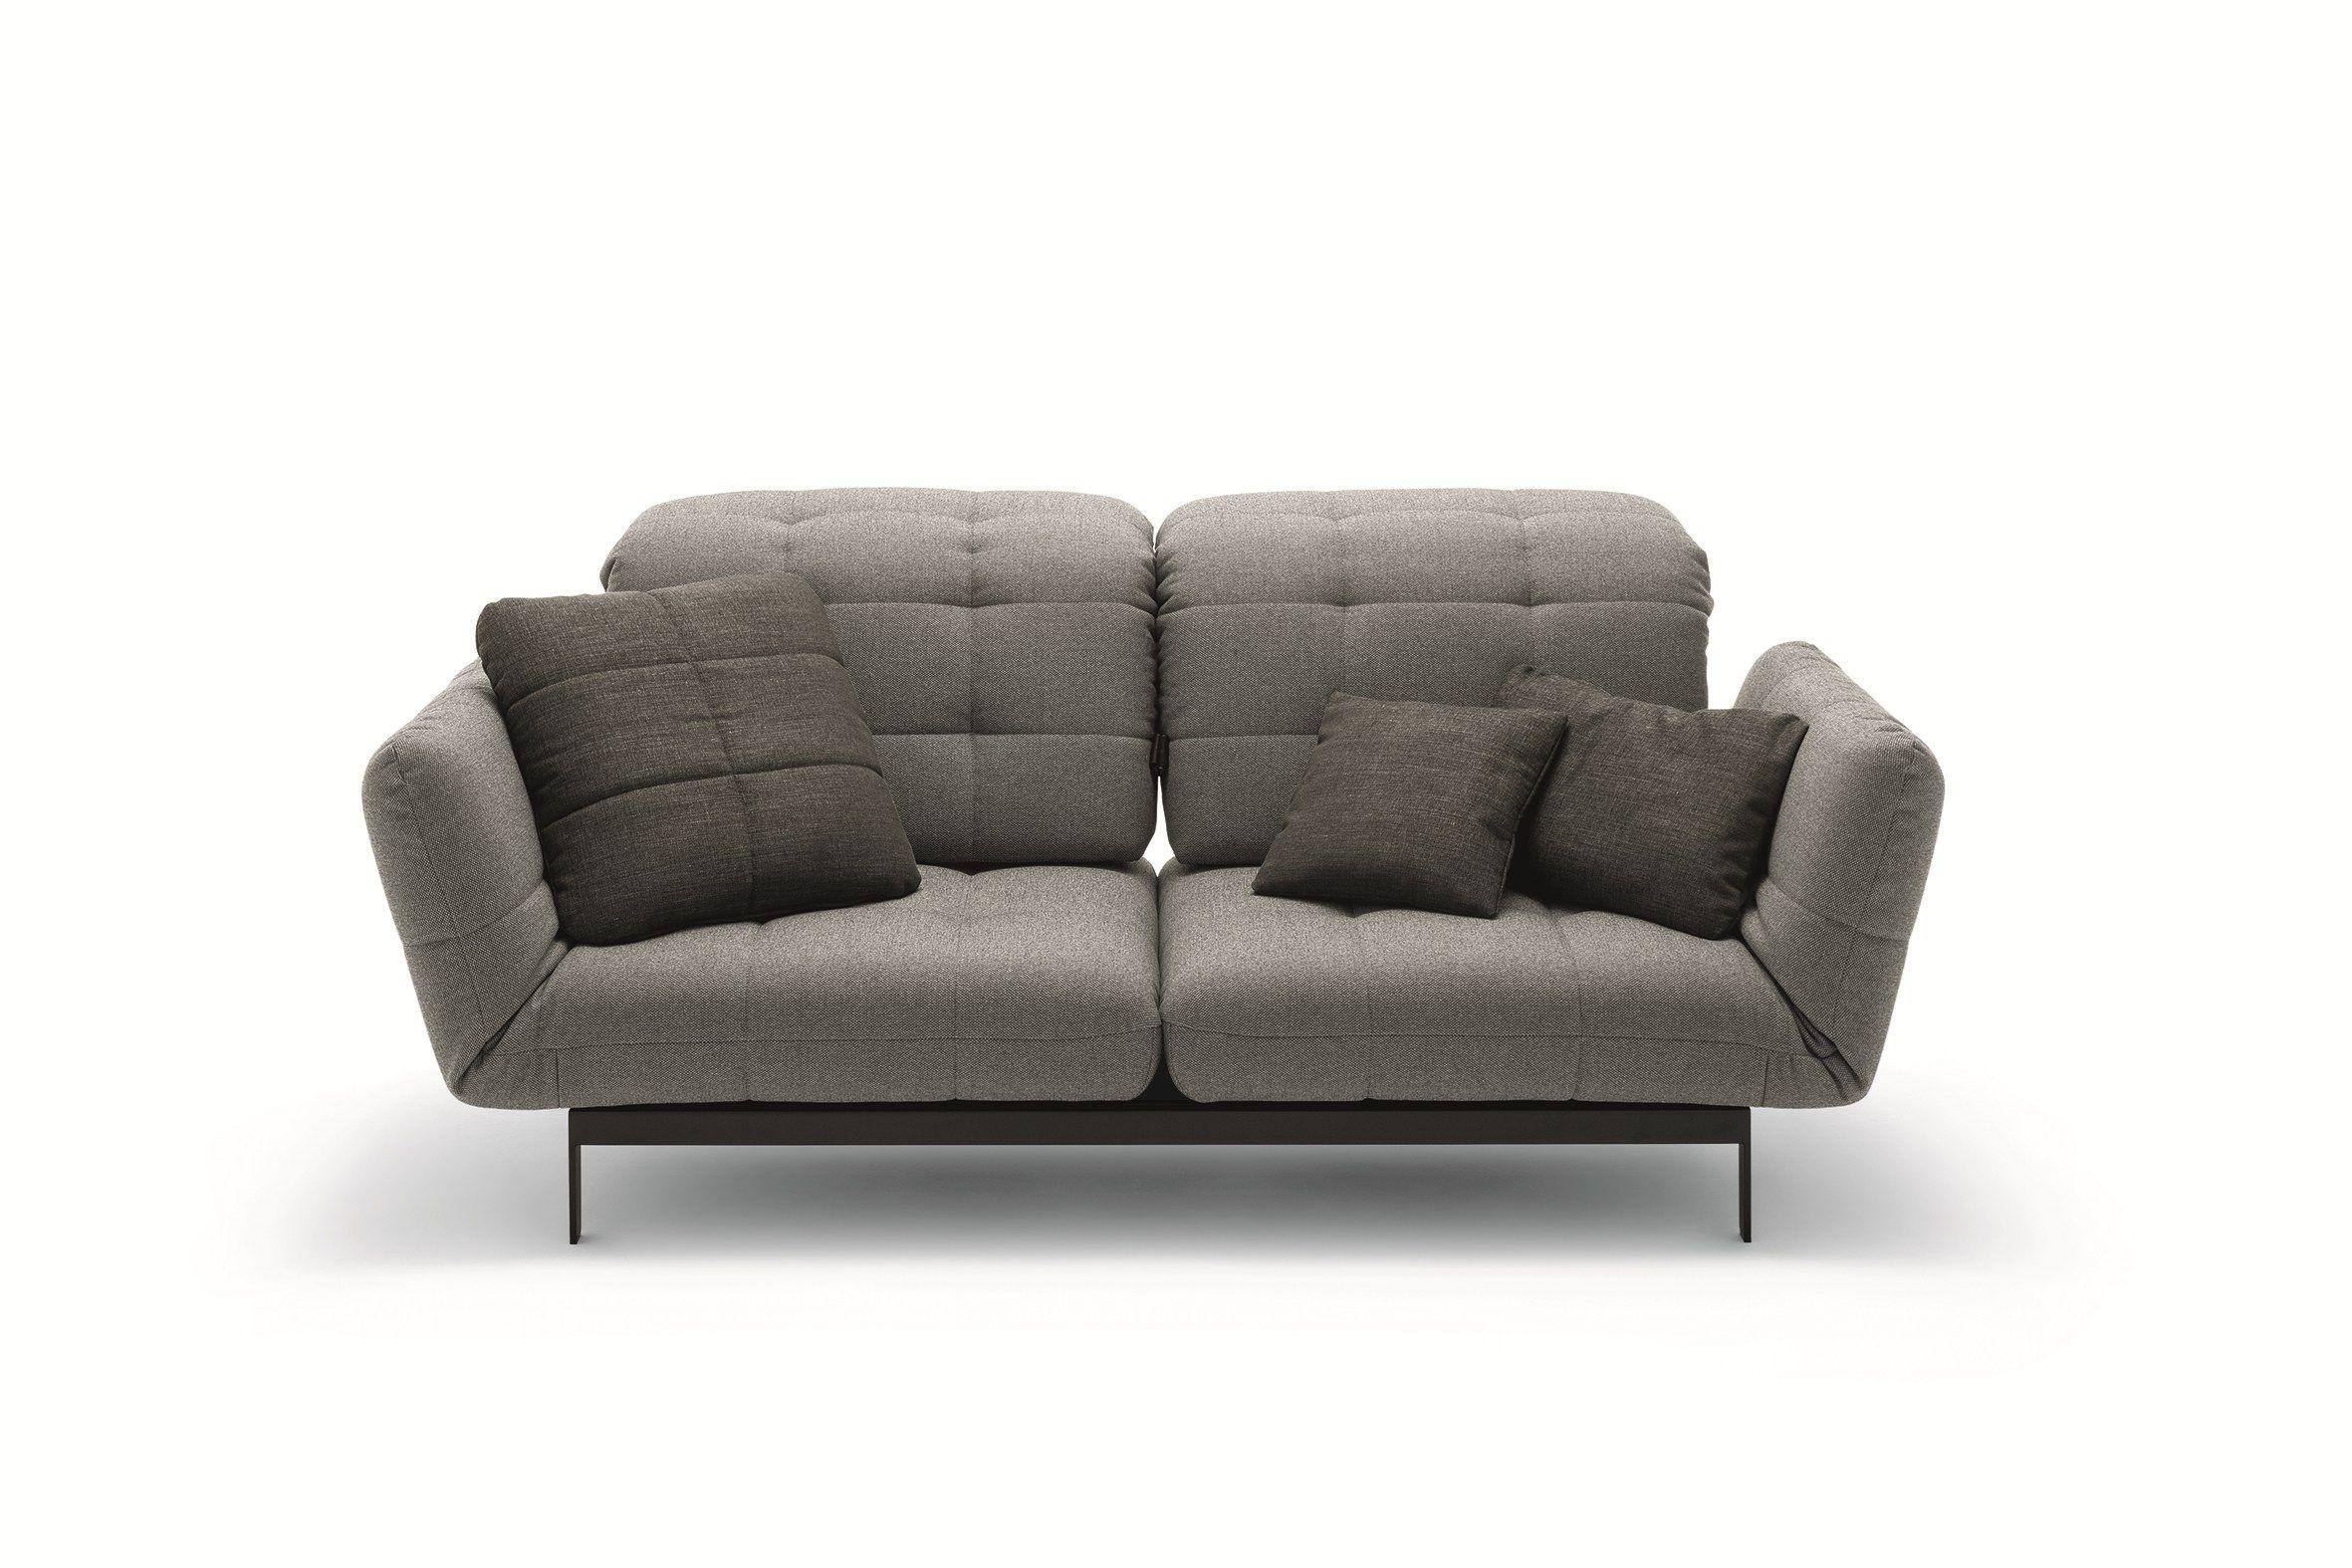 agio divano capitonn collezione agio by rolf benz design. Black Bedroom Furniture Sets. Home Design Ideas